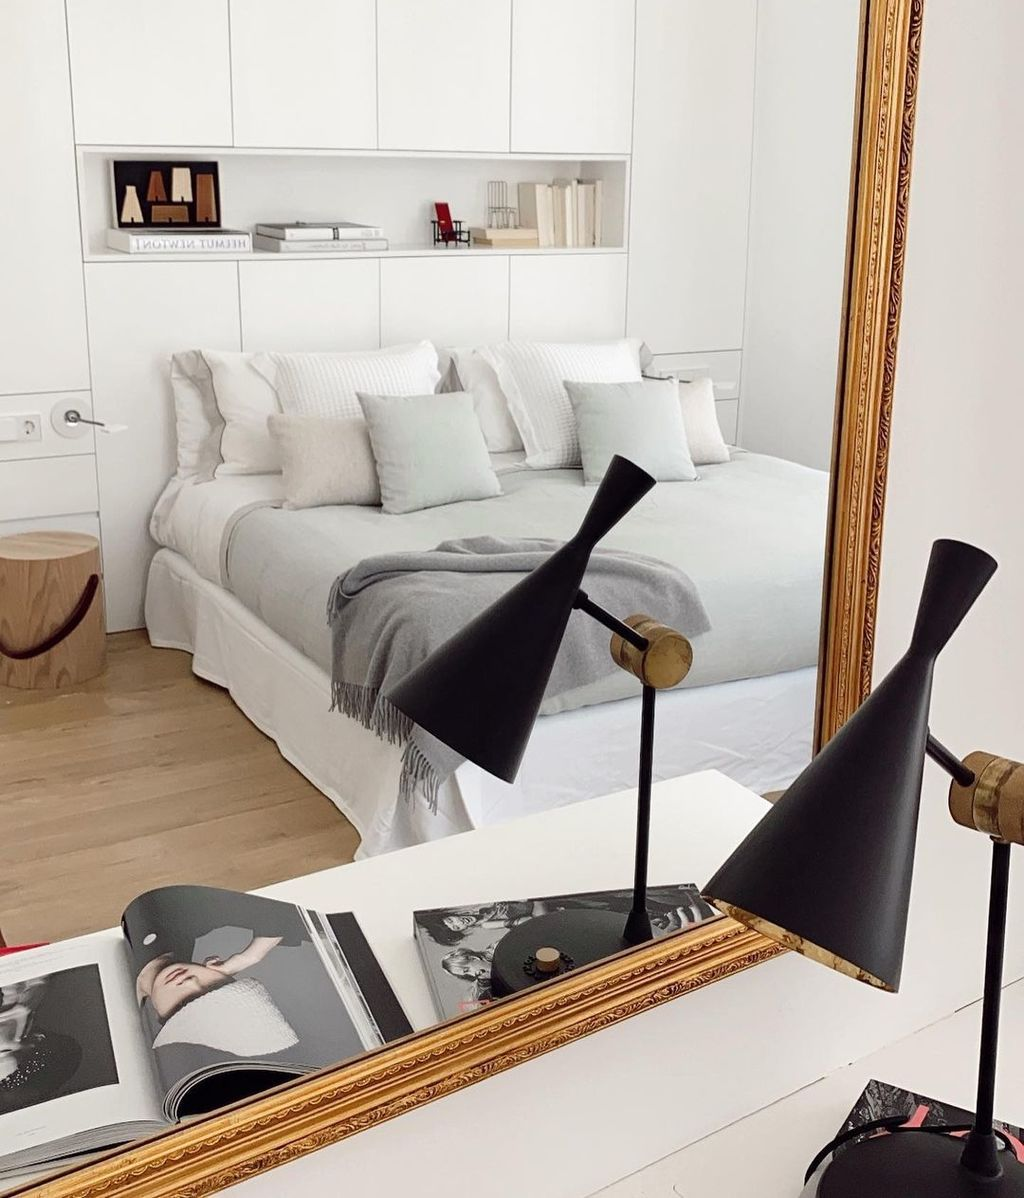 El dormitorio de la nueva casa de Marta Lozano